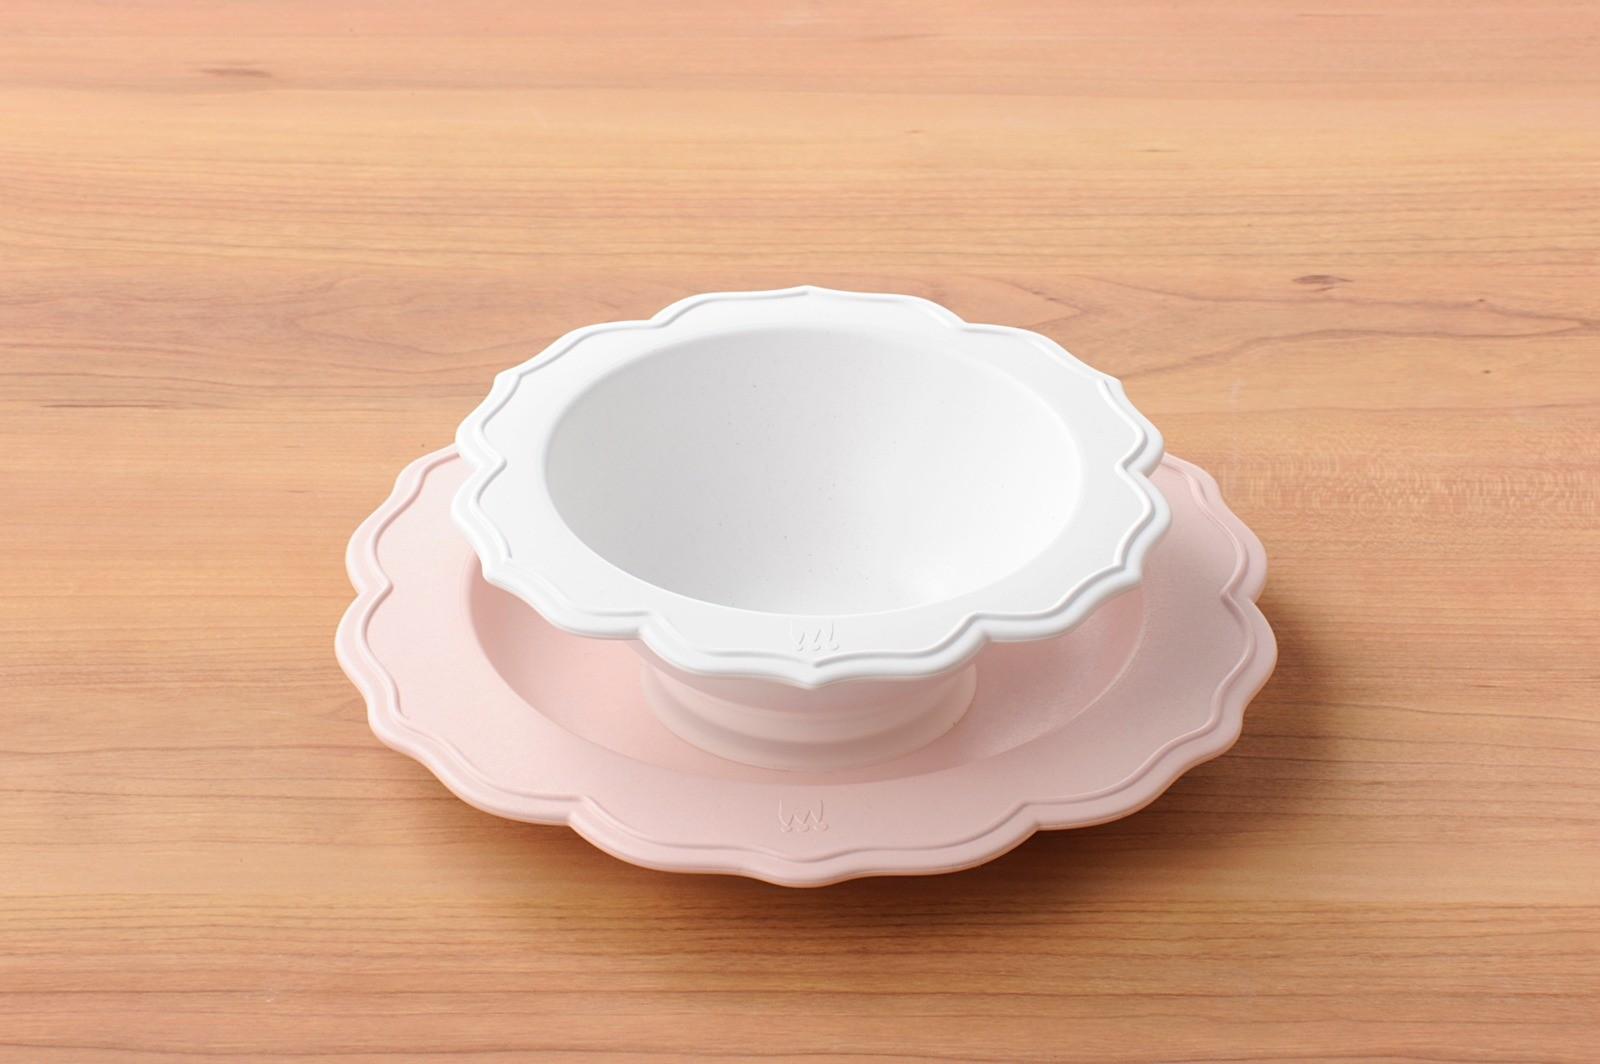 旖旎翡冷翠Reale花型碗盤-餐桌上的小野莓